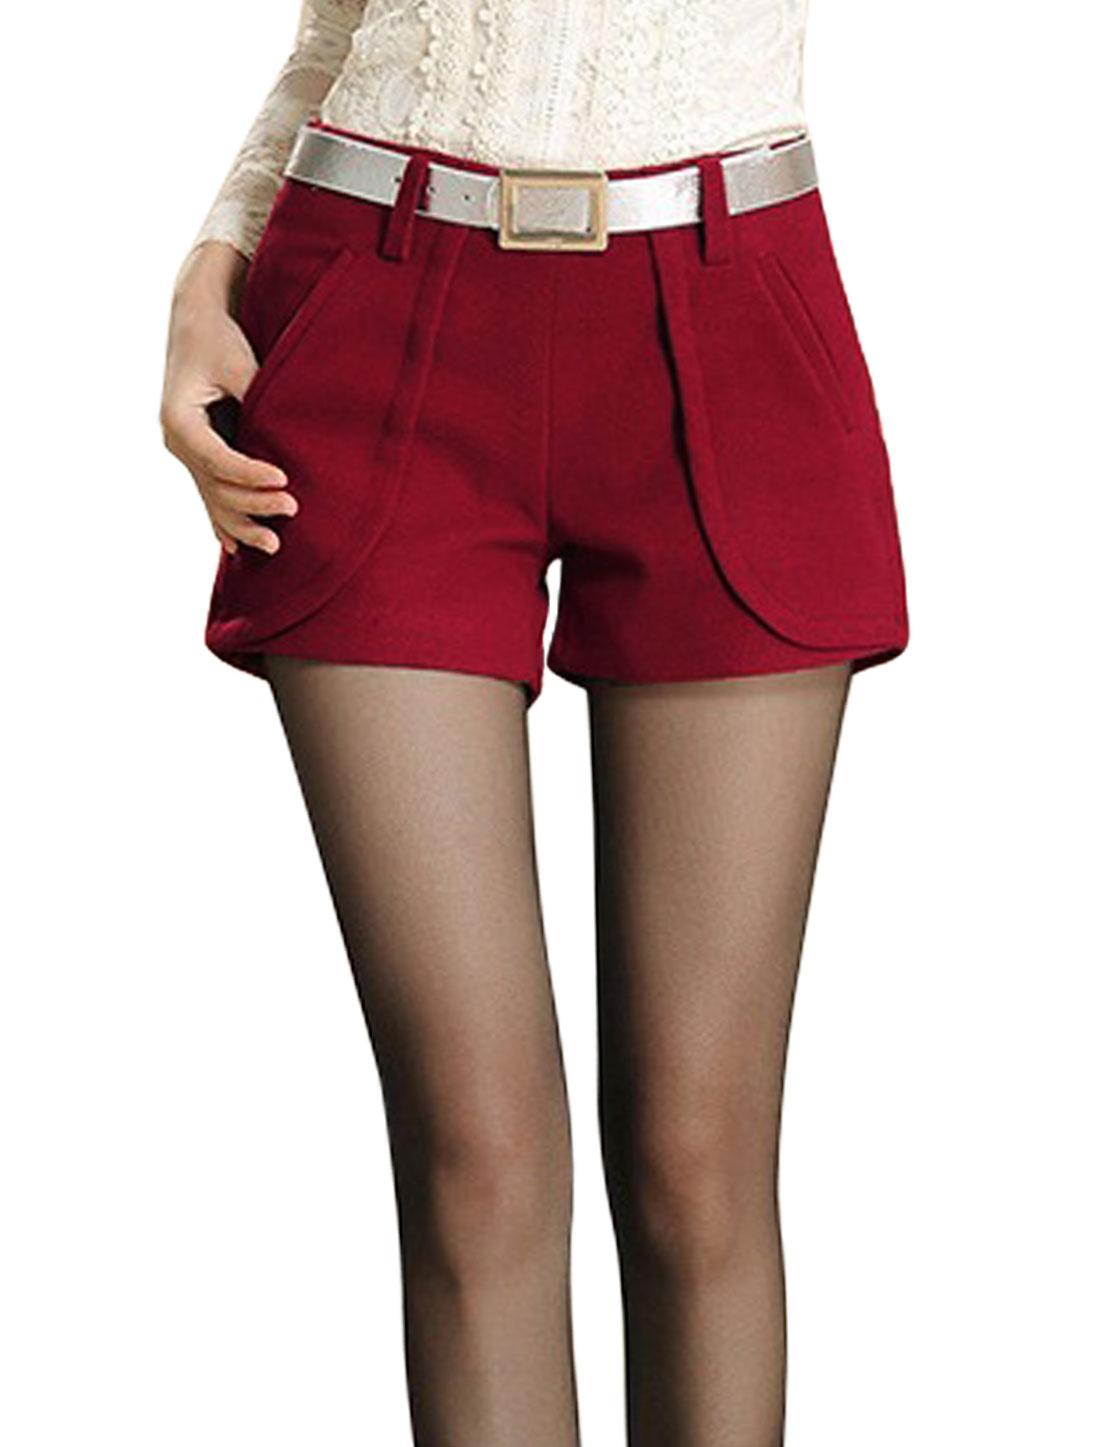 Ladies Burgundy Mid Rise Belt Loop Zip Closure Splice Leisure Short Pants M